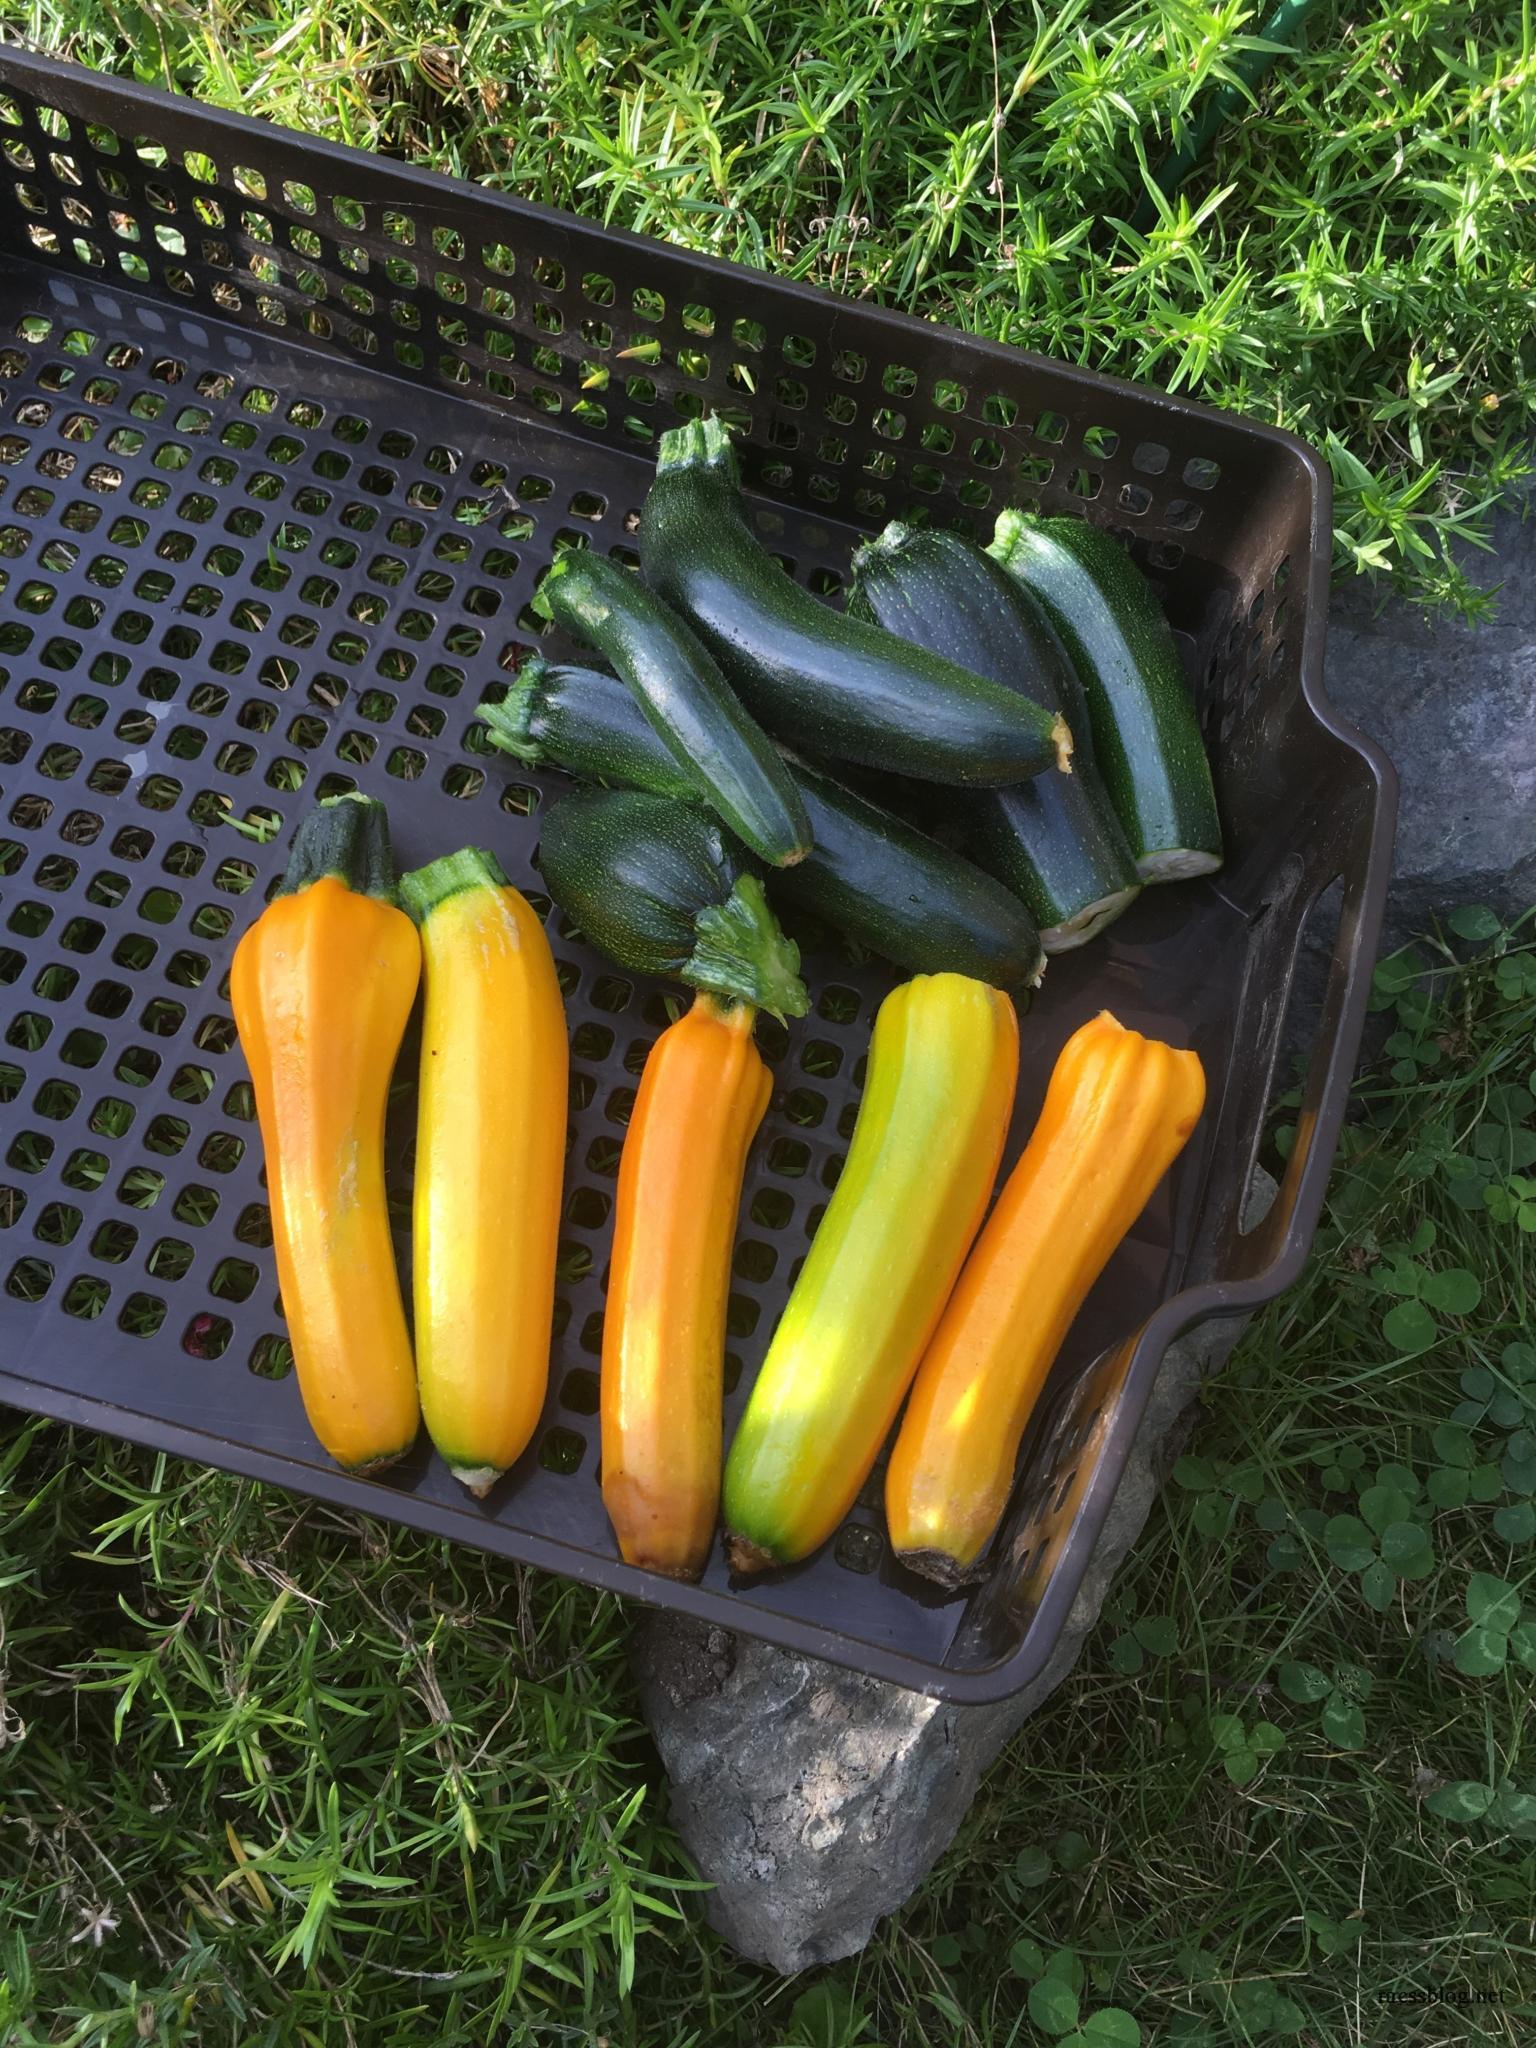 2017/7月の菜園日記 レタス、キュウリ、ピーマン収穫期に